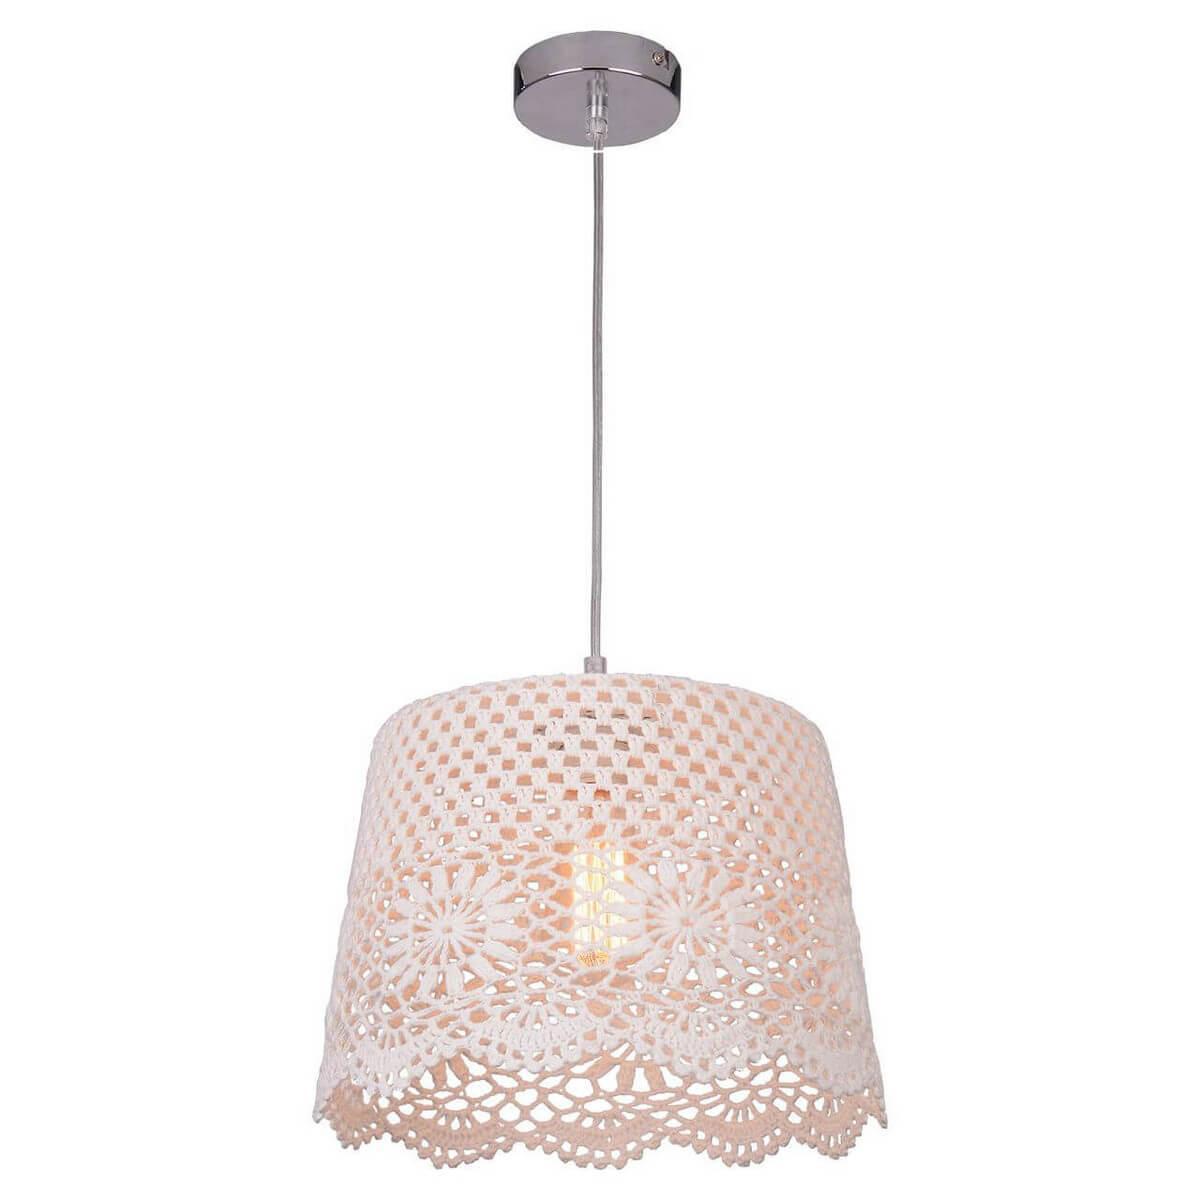 Подвесной светильник Lussole GRLSP-8037, E27, 11 Вт подвесной светильник lussole grlsp 9876 медь